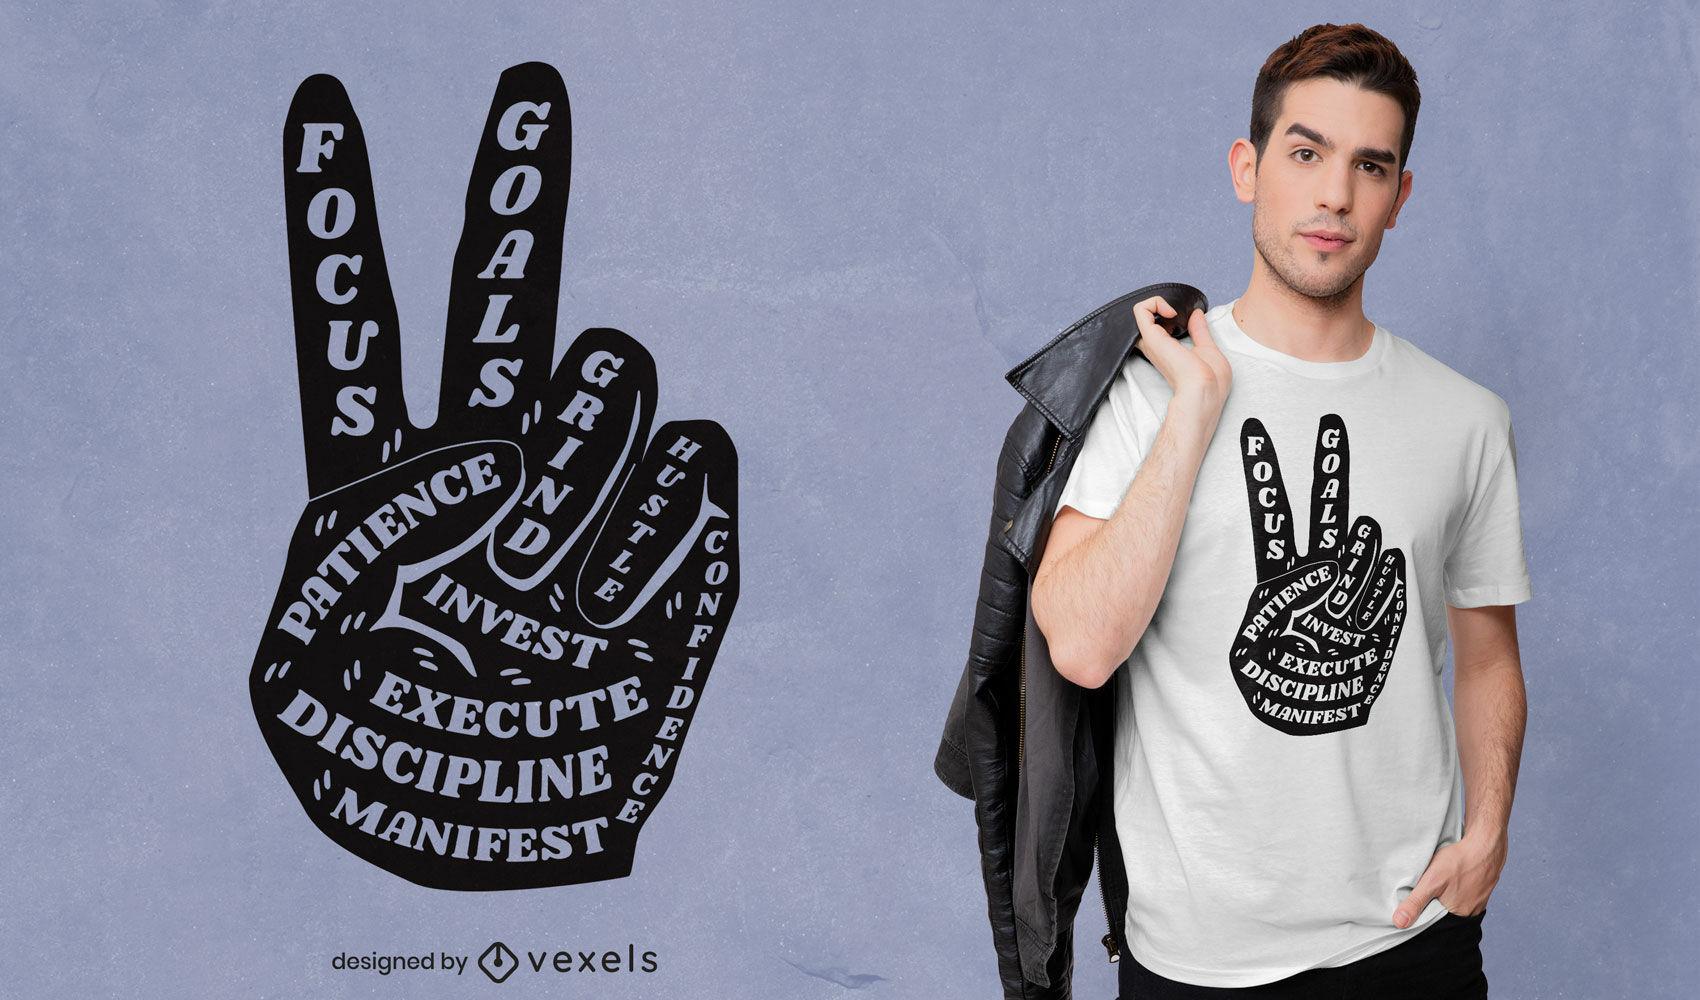 Dise?o de camiseta con cita inspiradora del signo de la paz